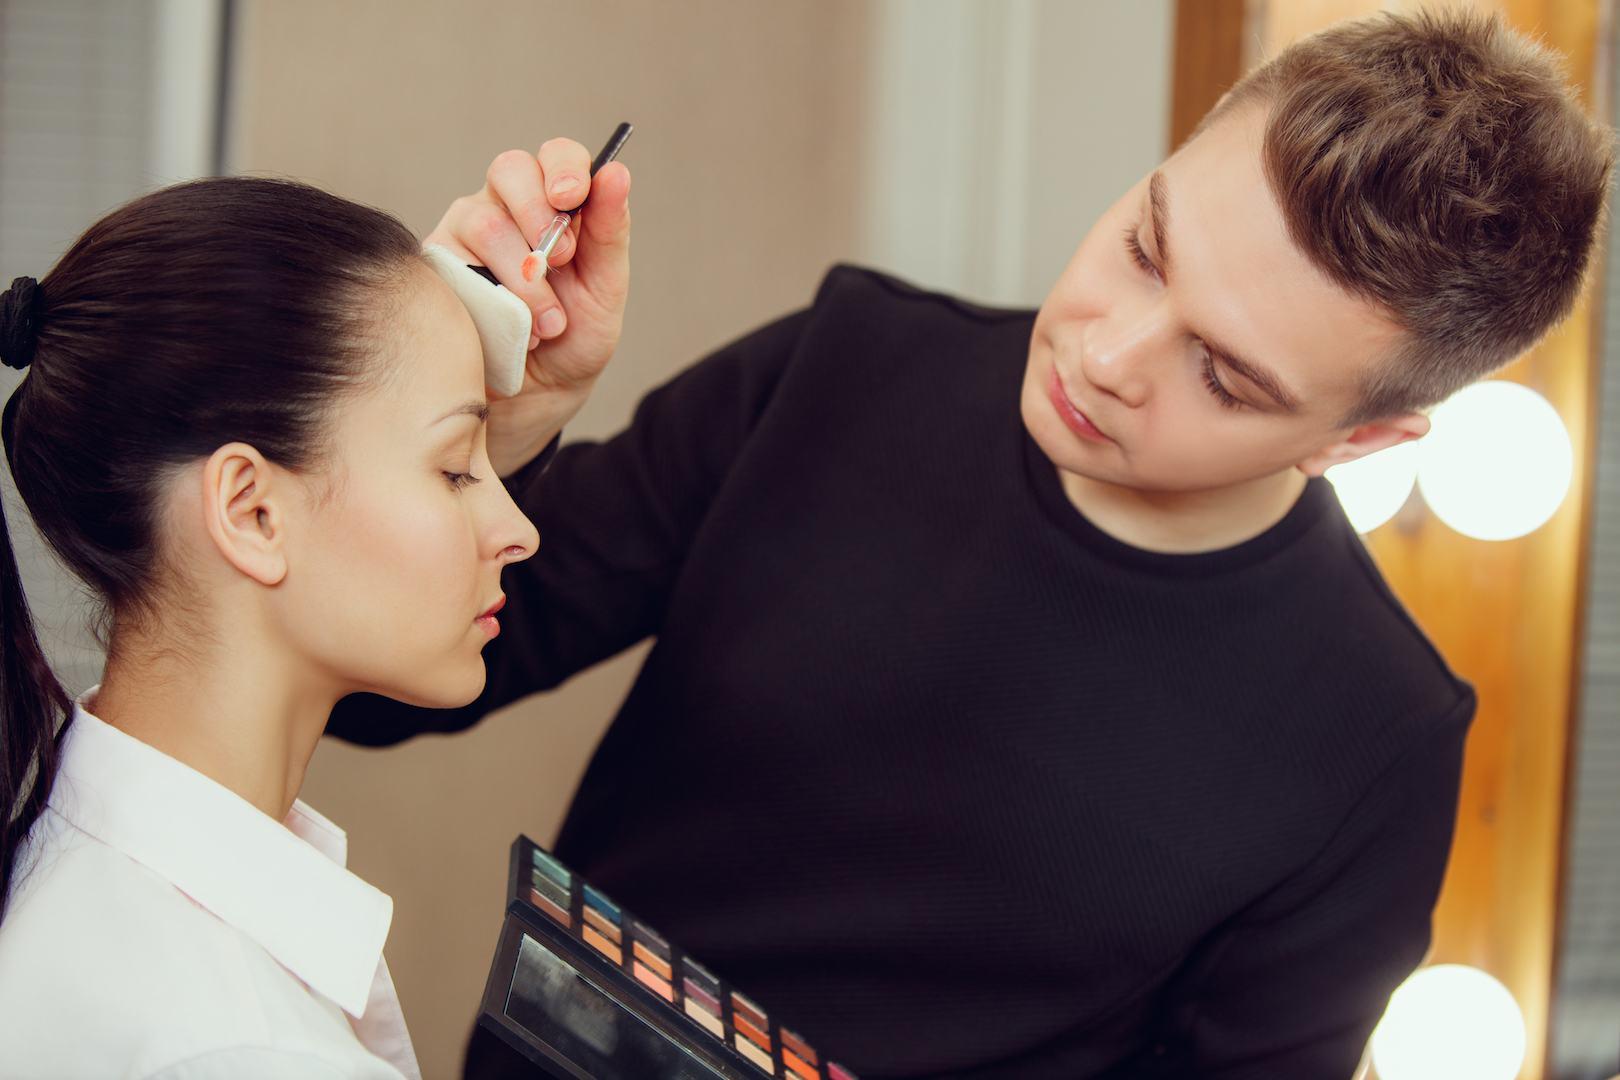 Homem a maquilhar modelo